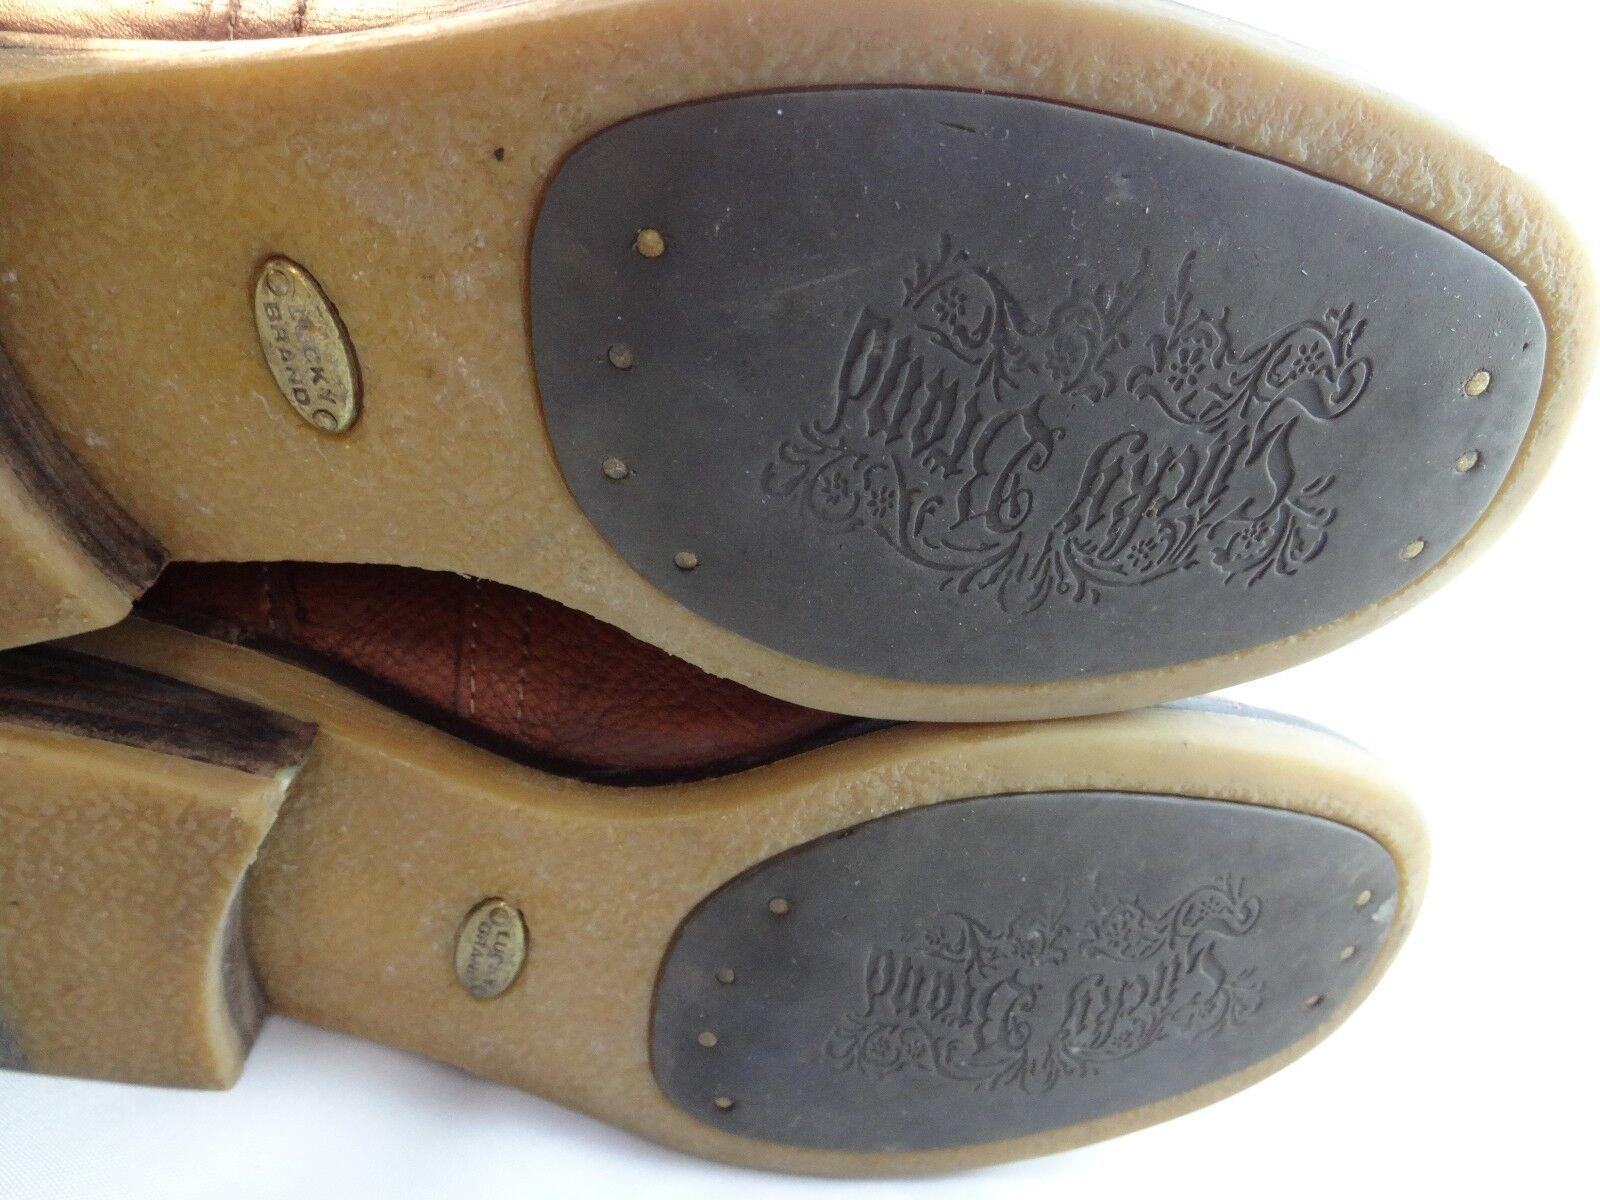 Lucky Brand Angel Angel Angel Alto Botas De Cuero Marrón 17 de alto UE 36 Knee High adjusta 0dd7ed